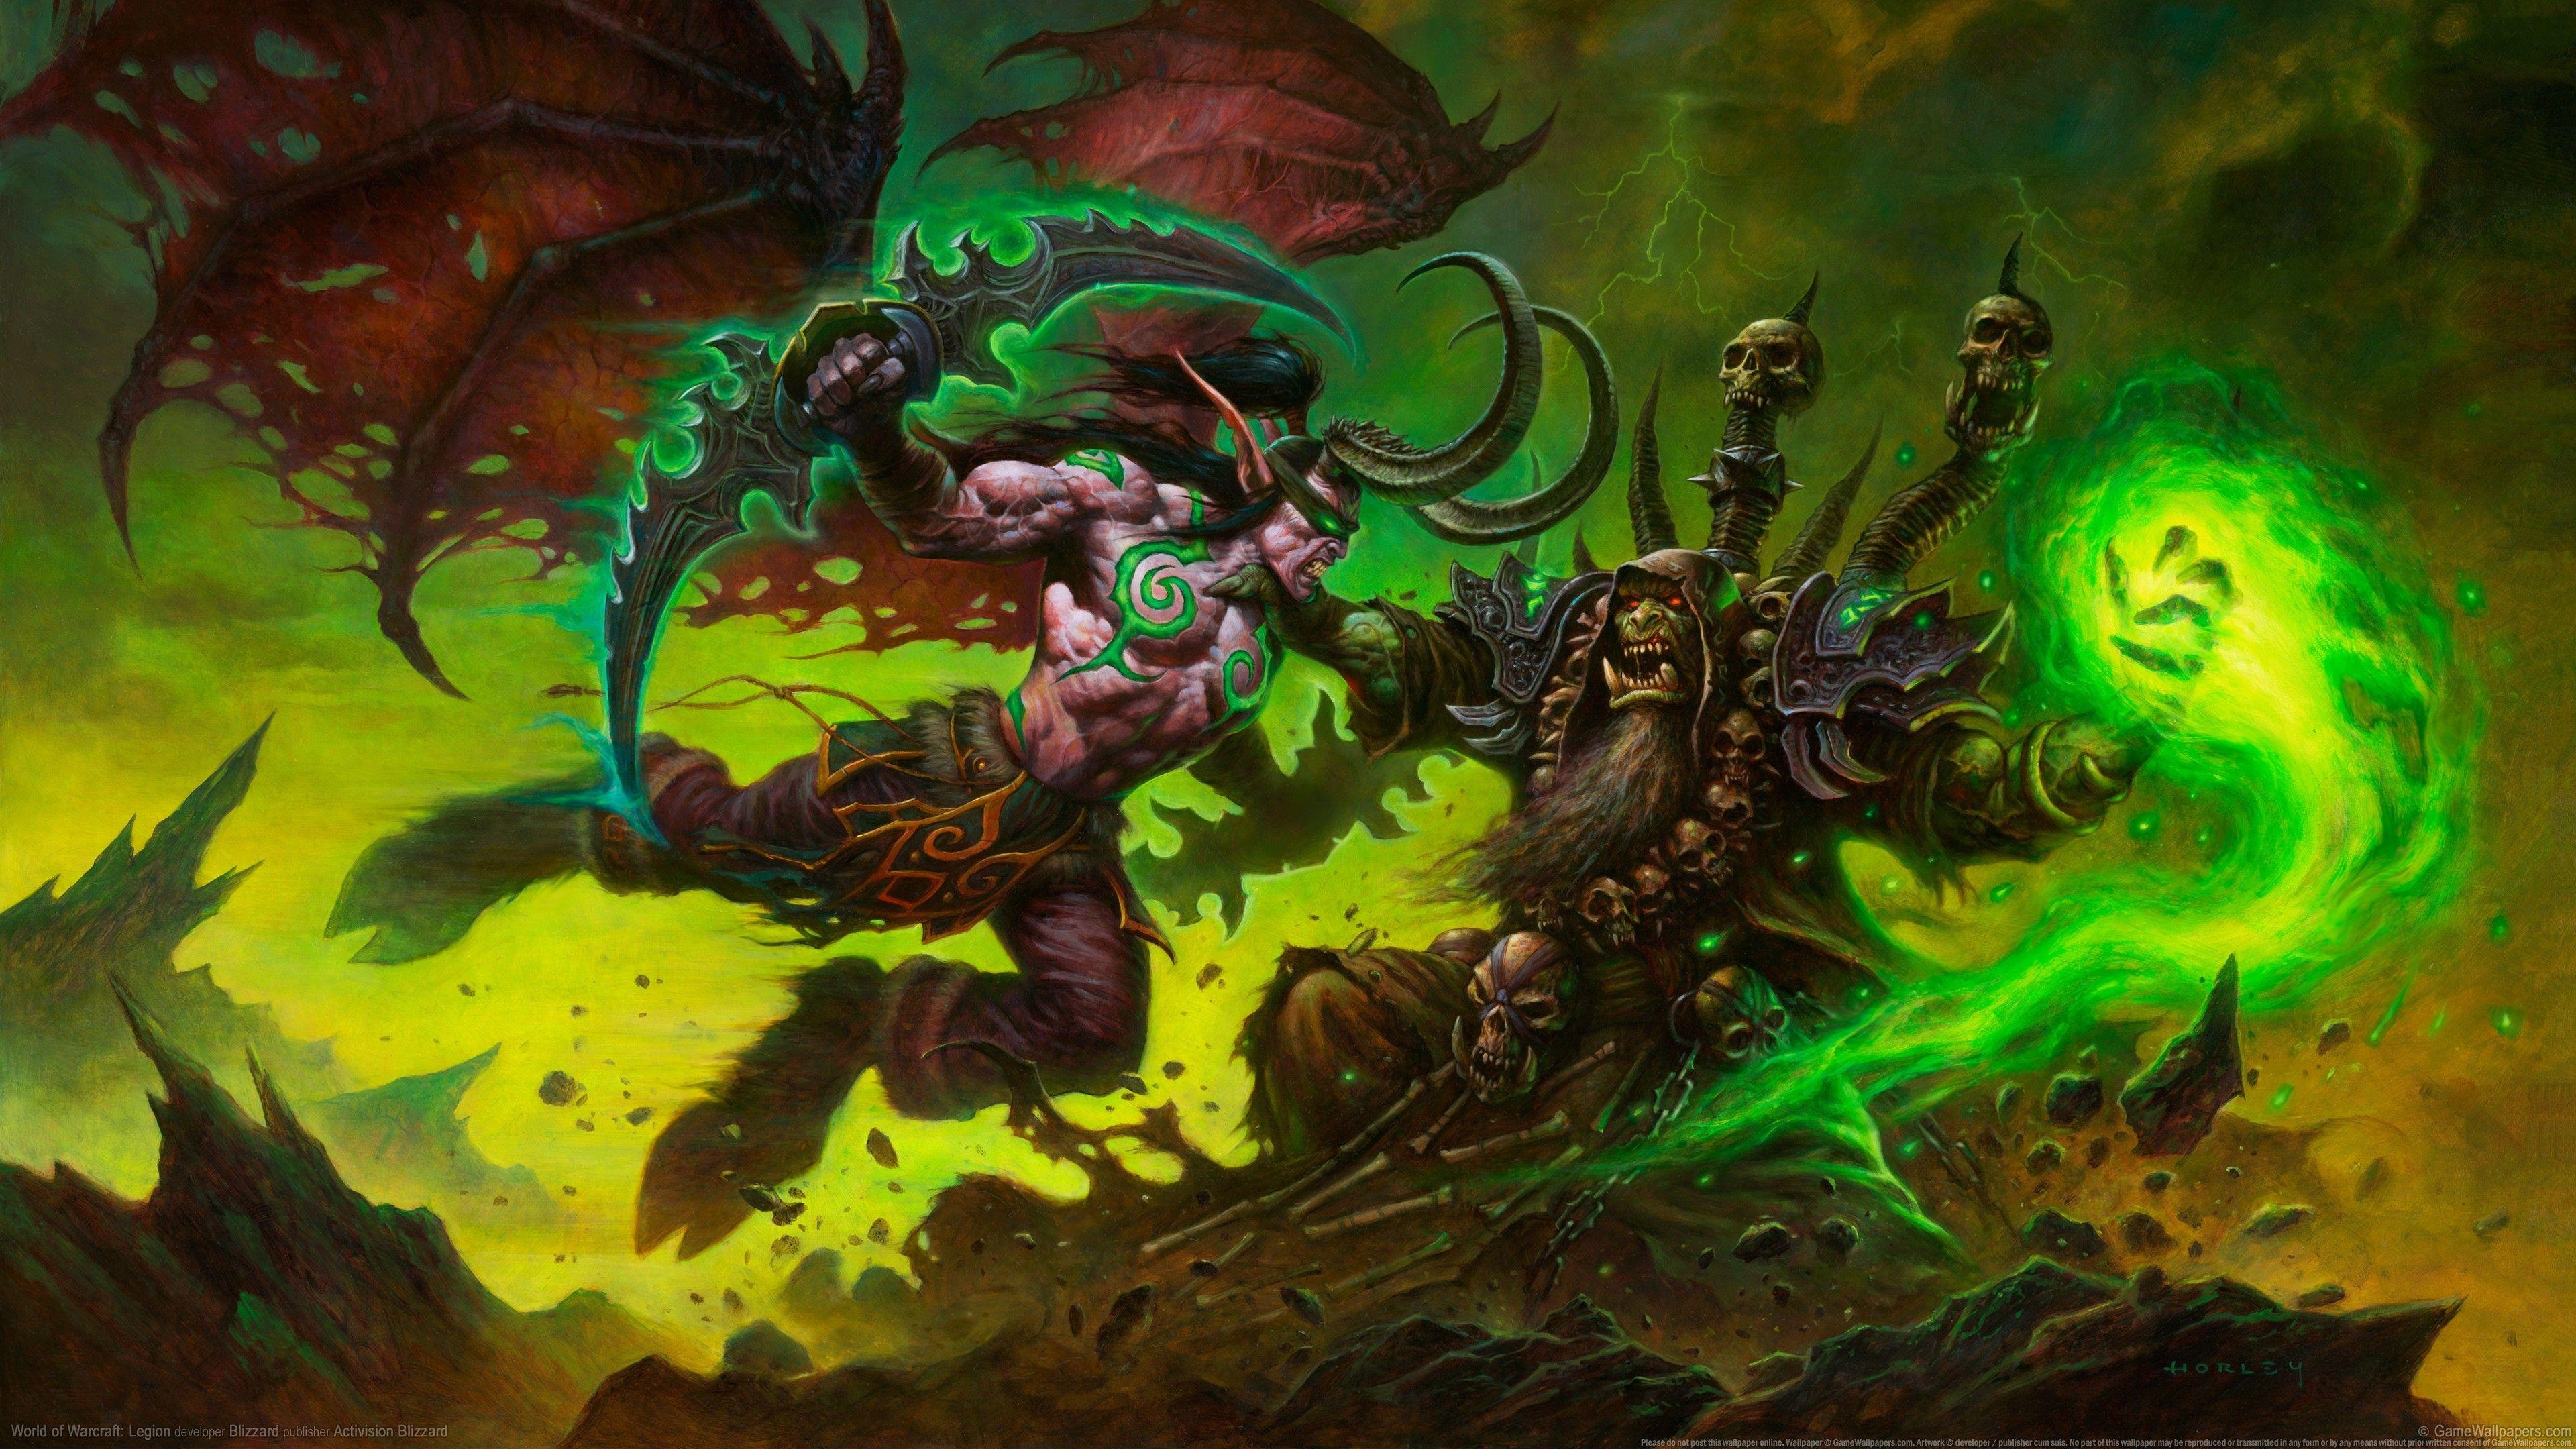 Wallhaven 416469 Jpg 3840 2160 World Of Warcraft Legion World